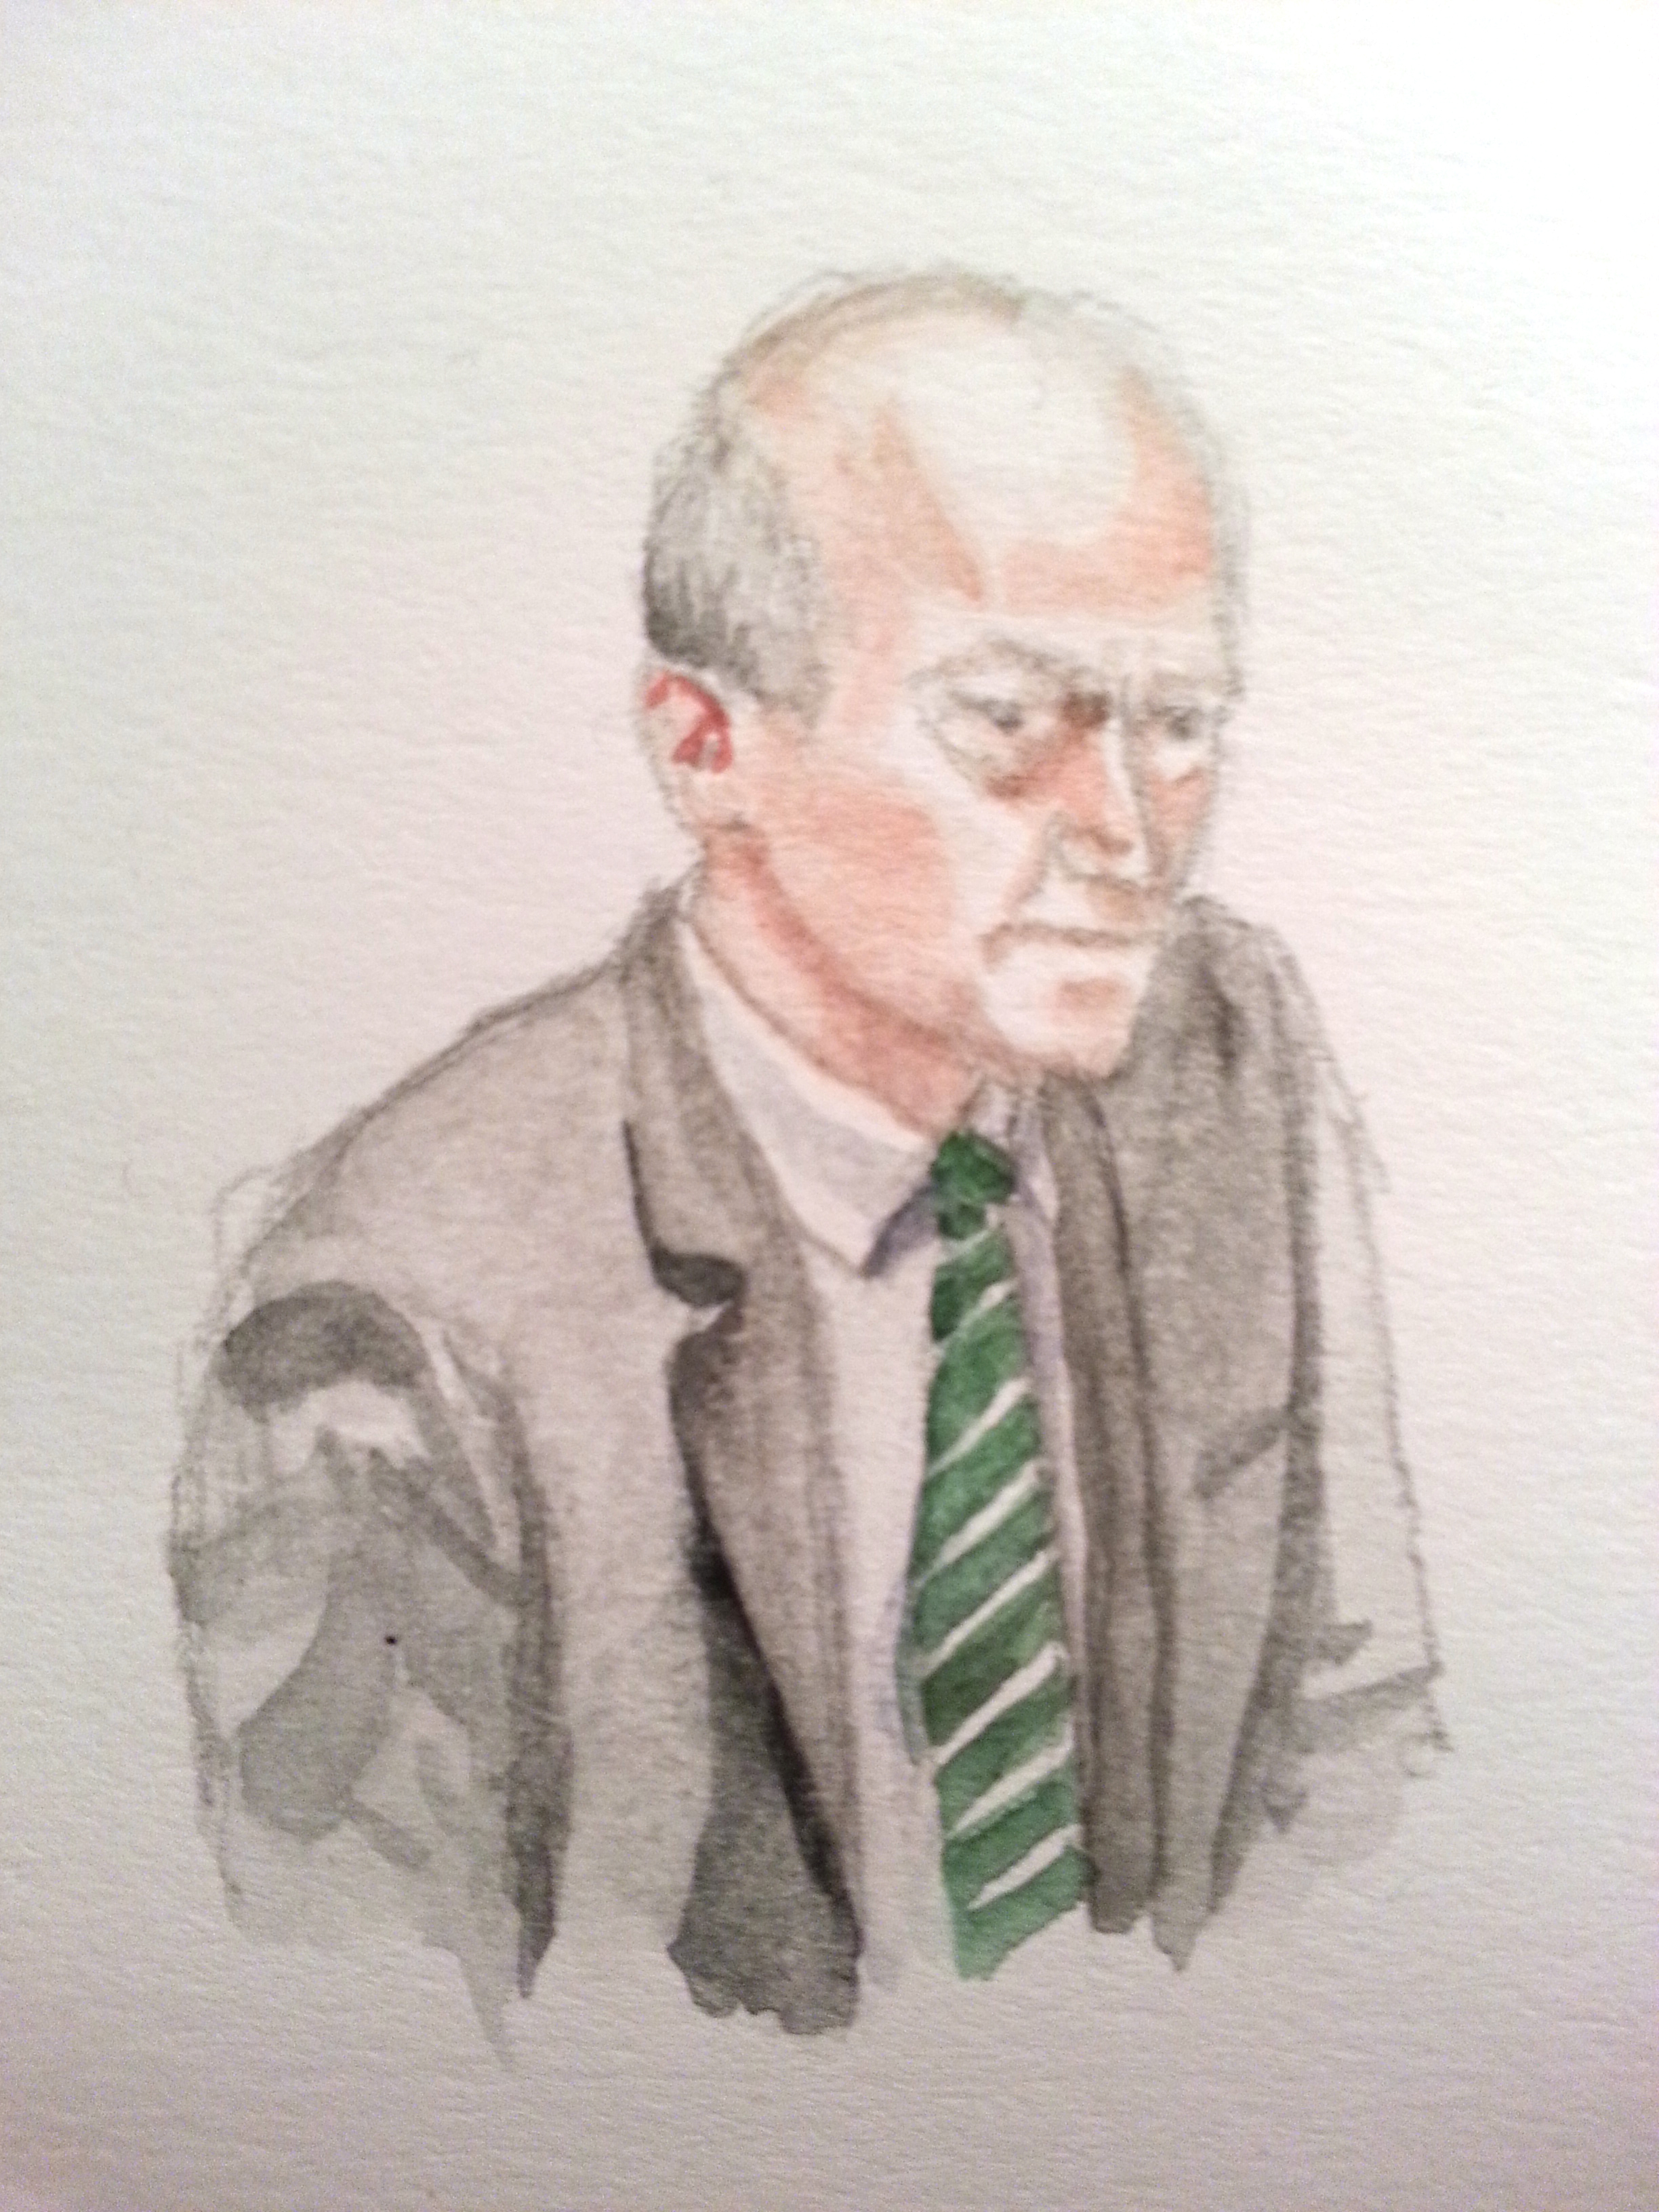 Zeuge Gerhard Schindler bei seiner Anhörung. Zeichnung: Stella Schiffczyk.